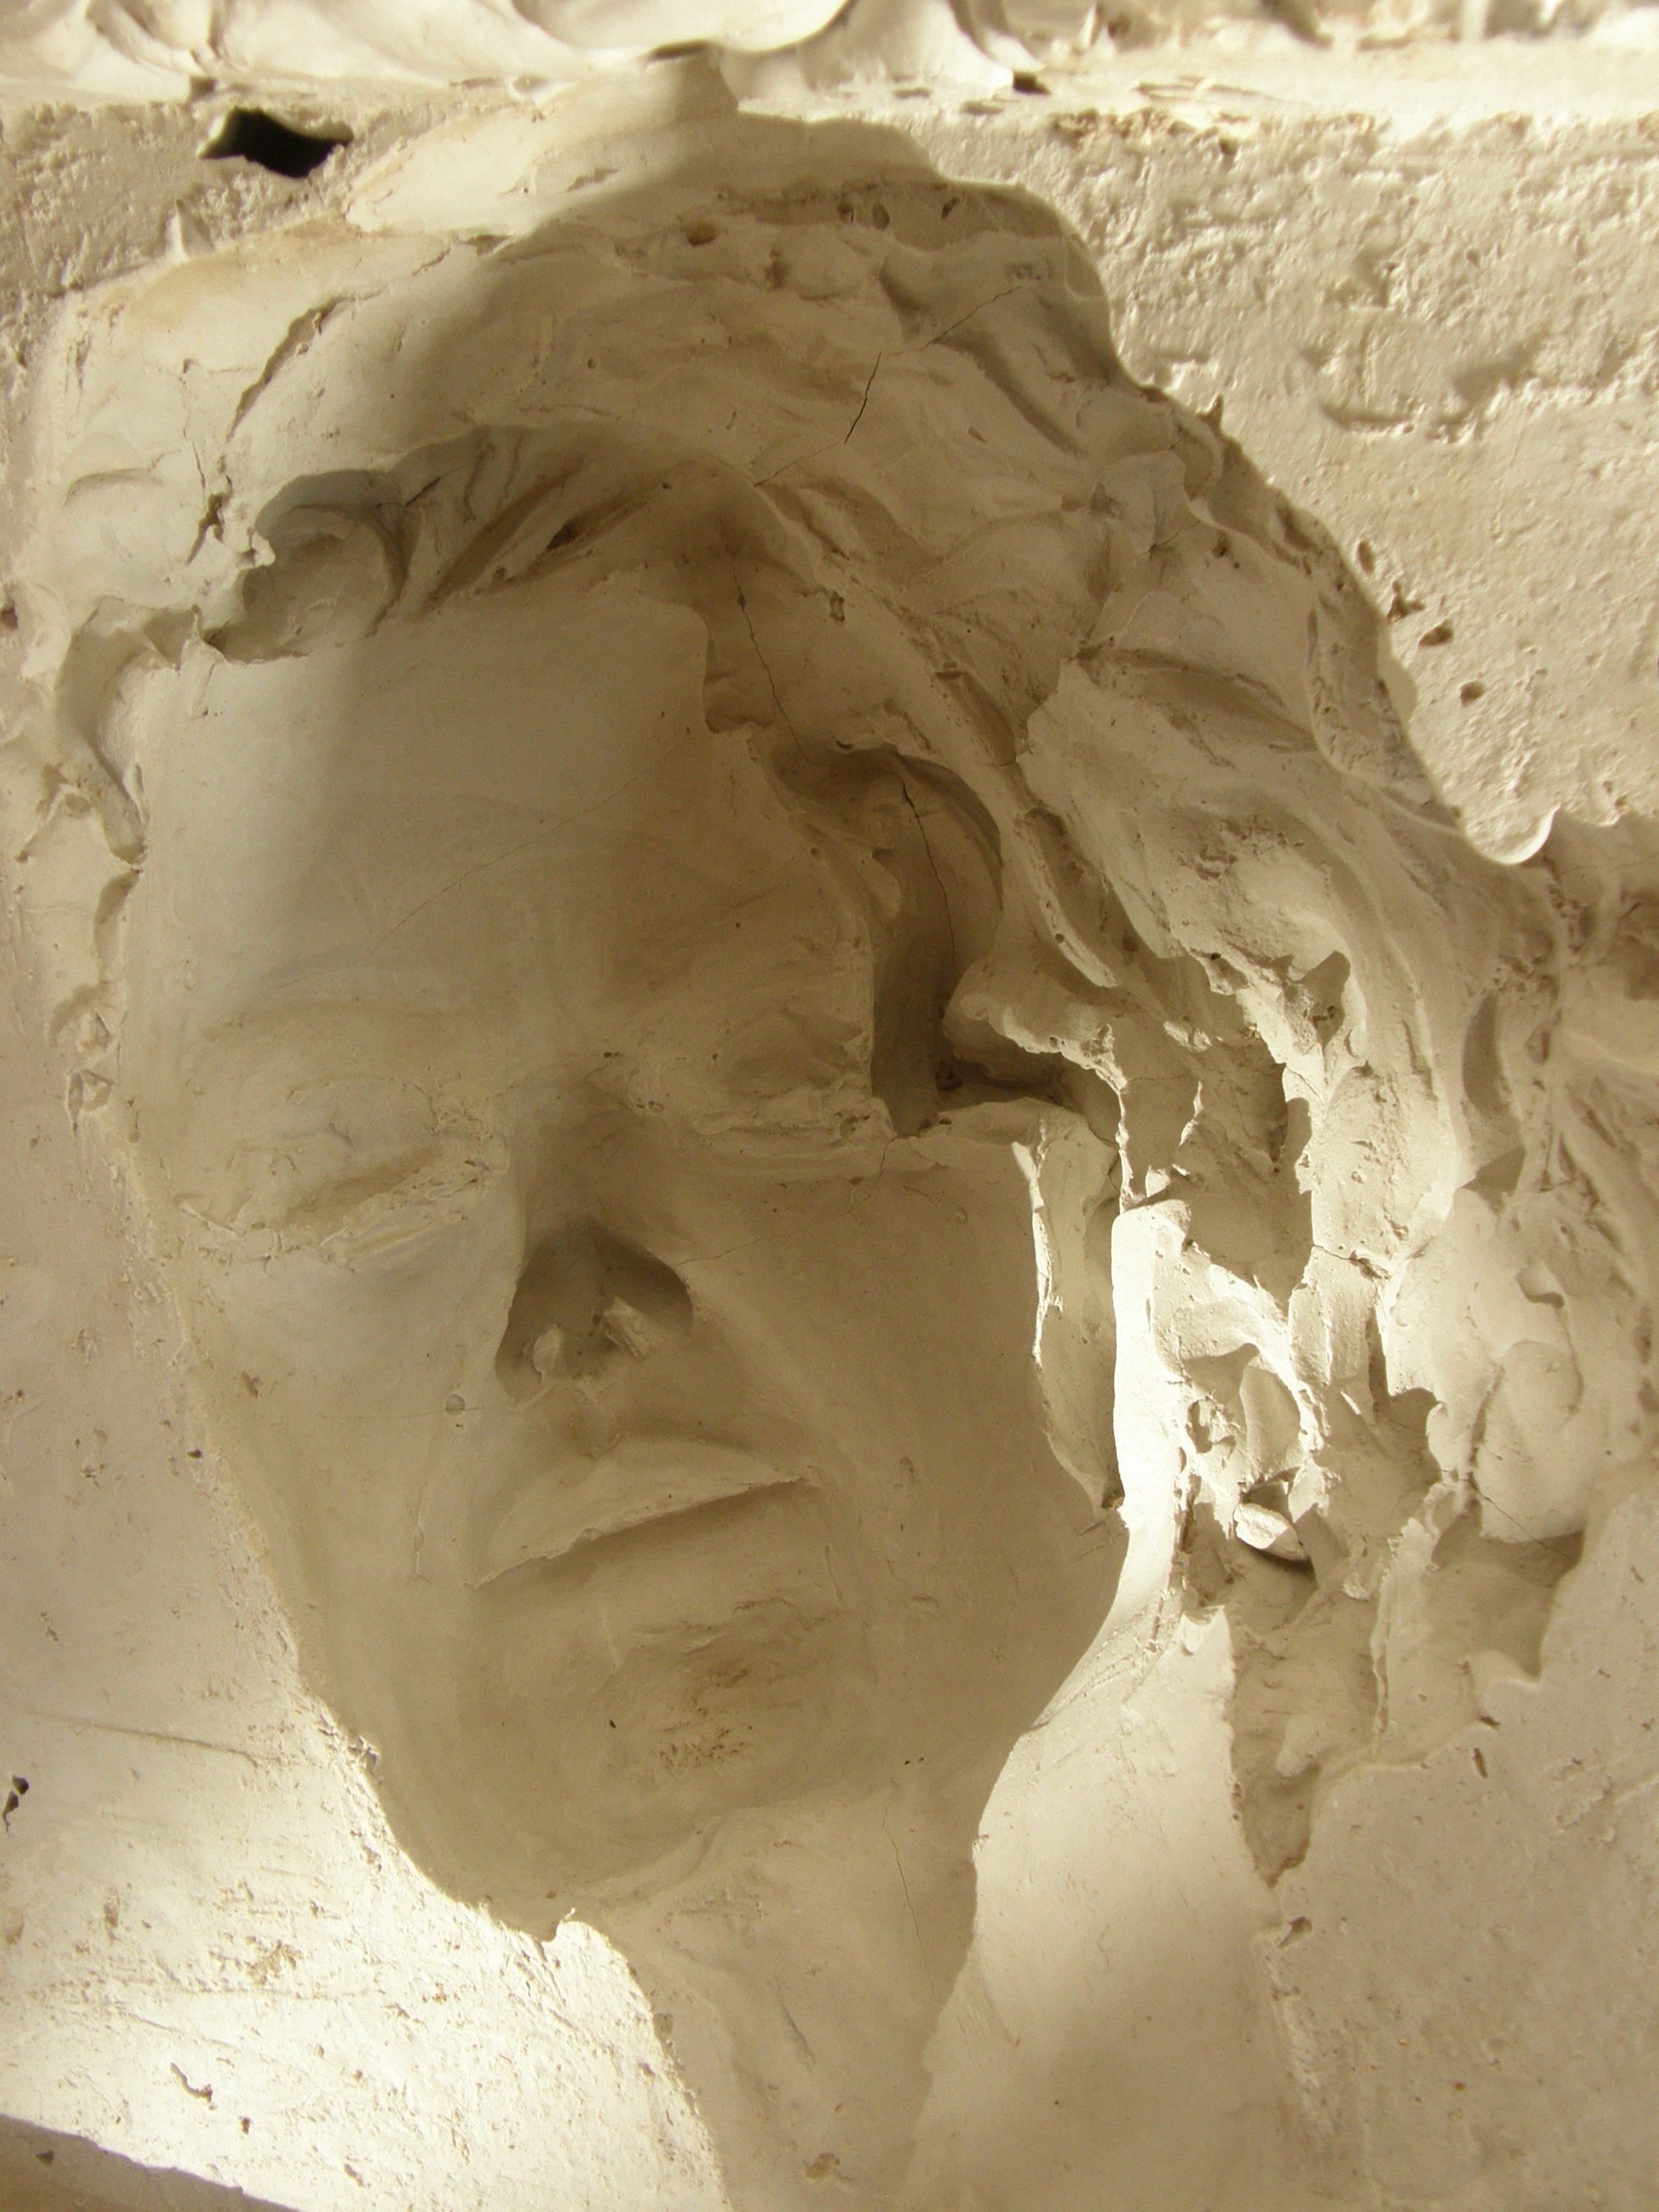 Gipsnegativ Portrait, es entstehen 9 Portraits während der IKSIT